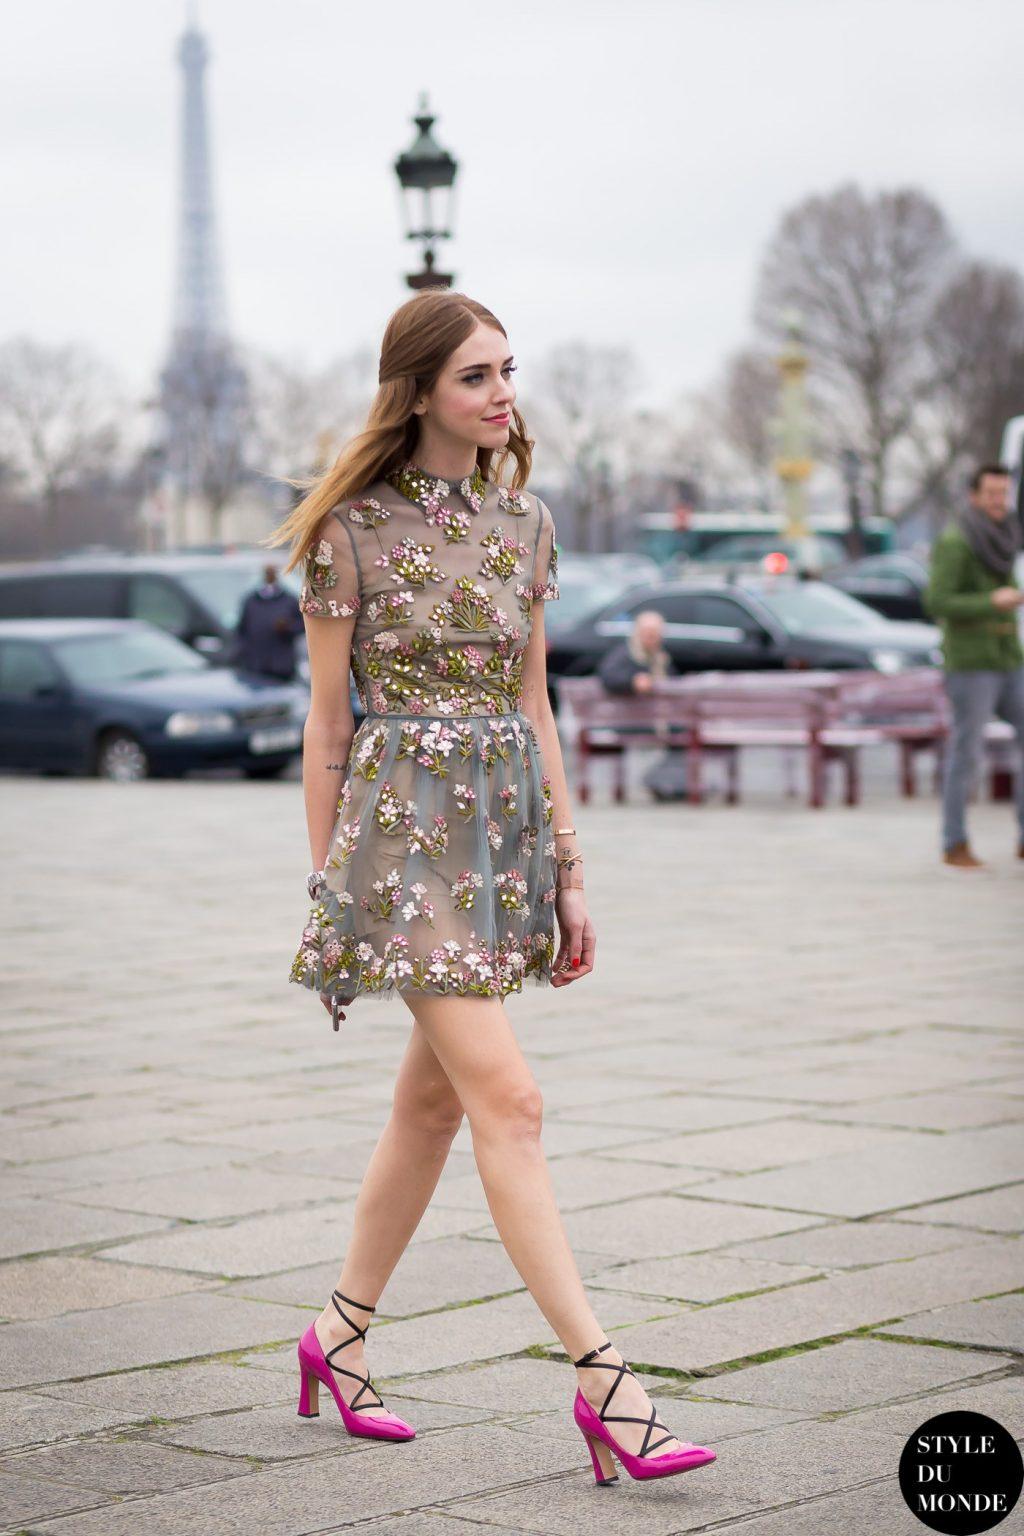 thời trang vintage đầm hoa và giày cao gót dạo phố